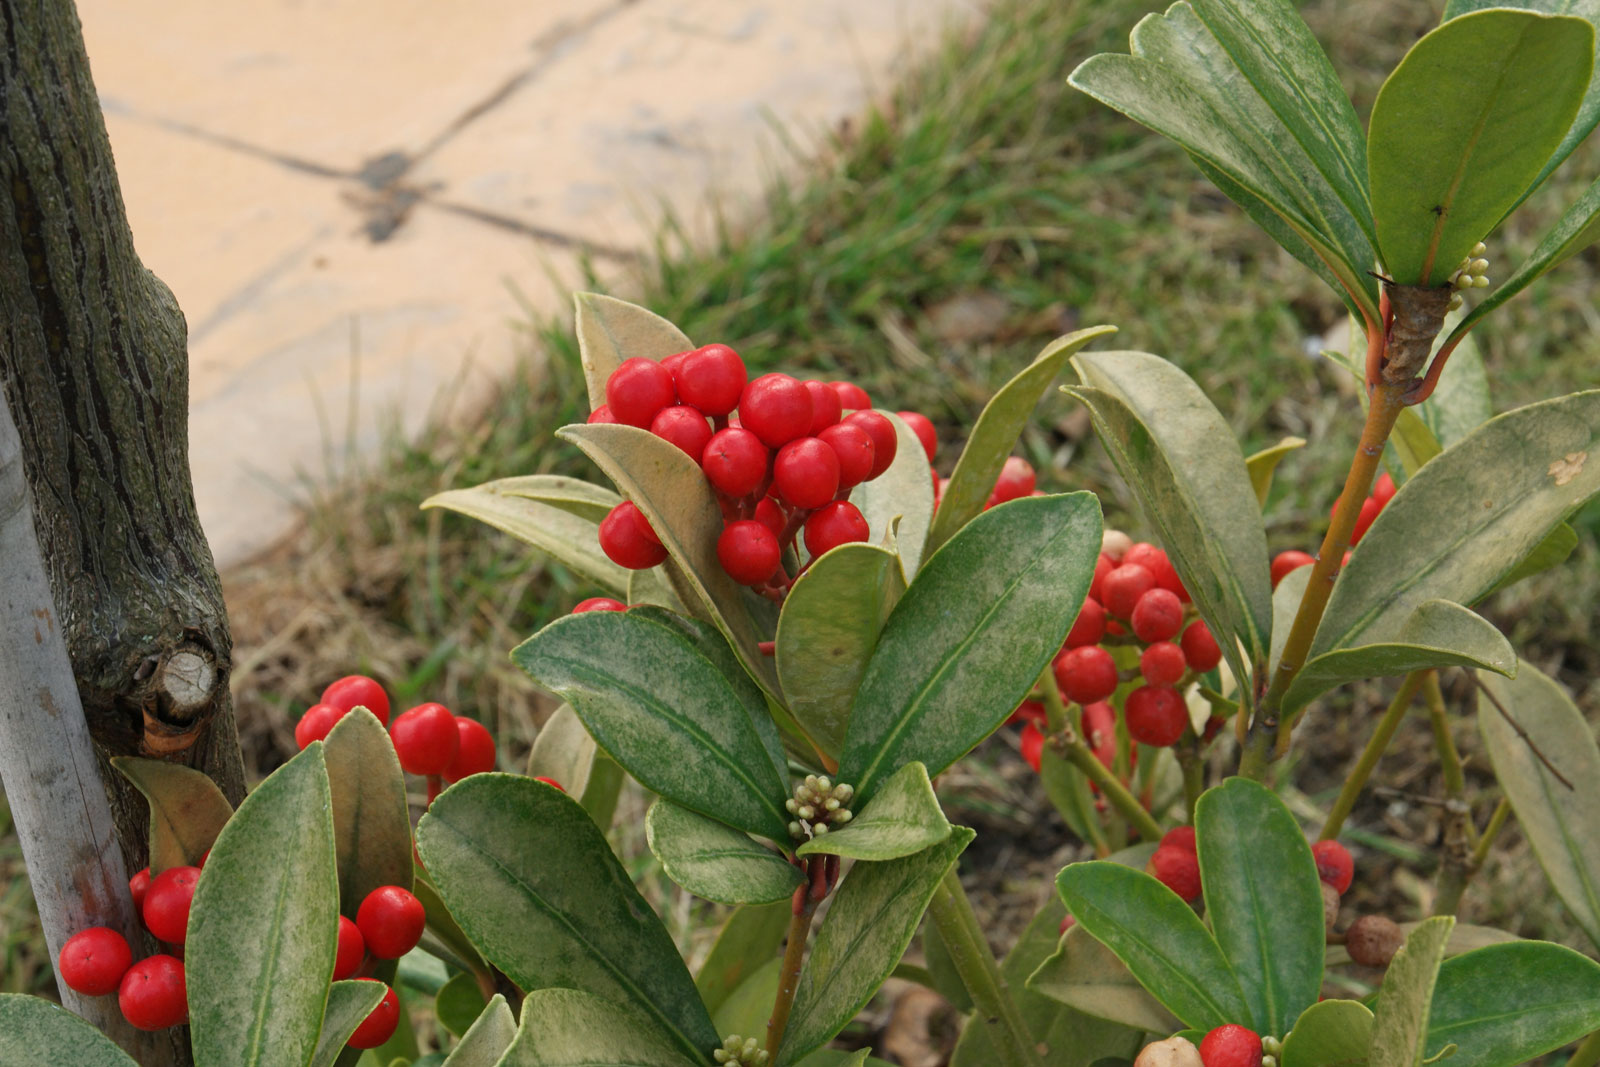 Skimmia japonica